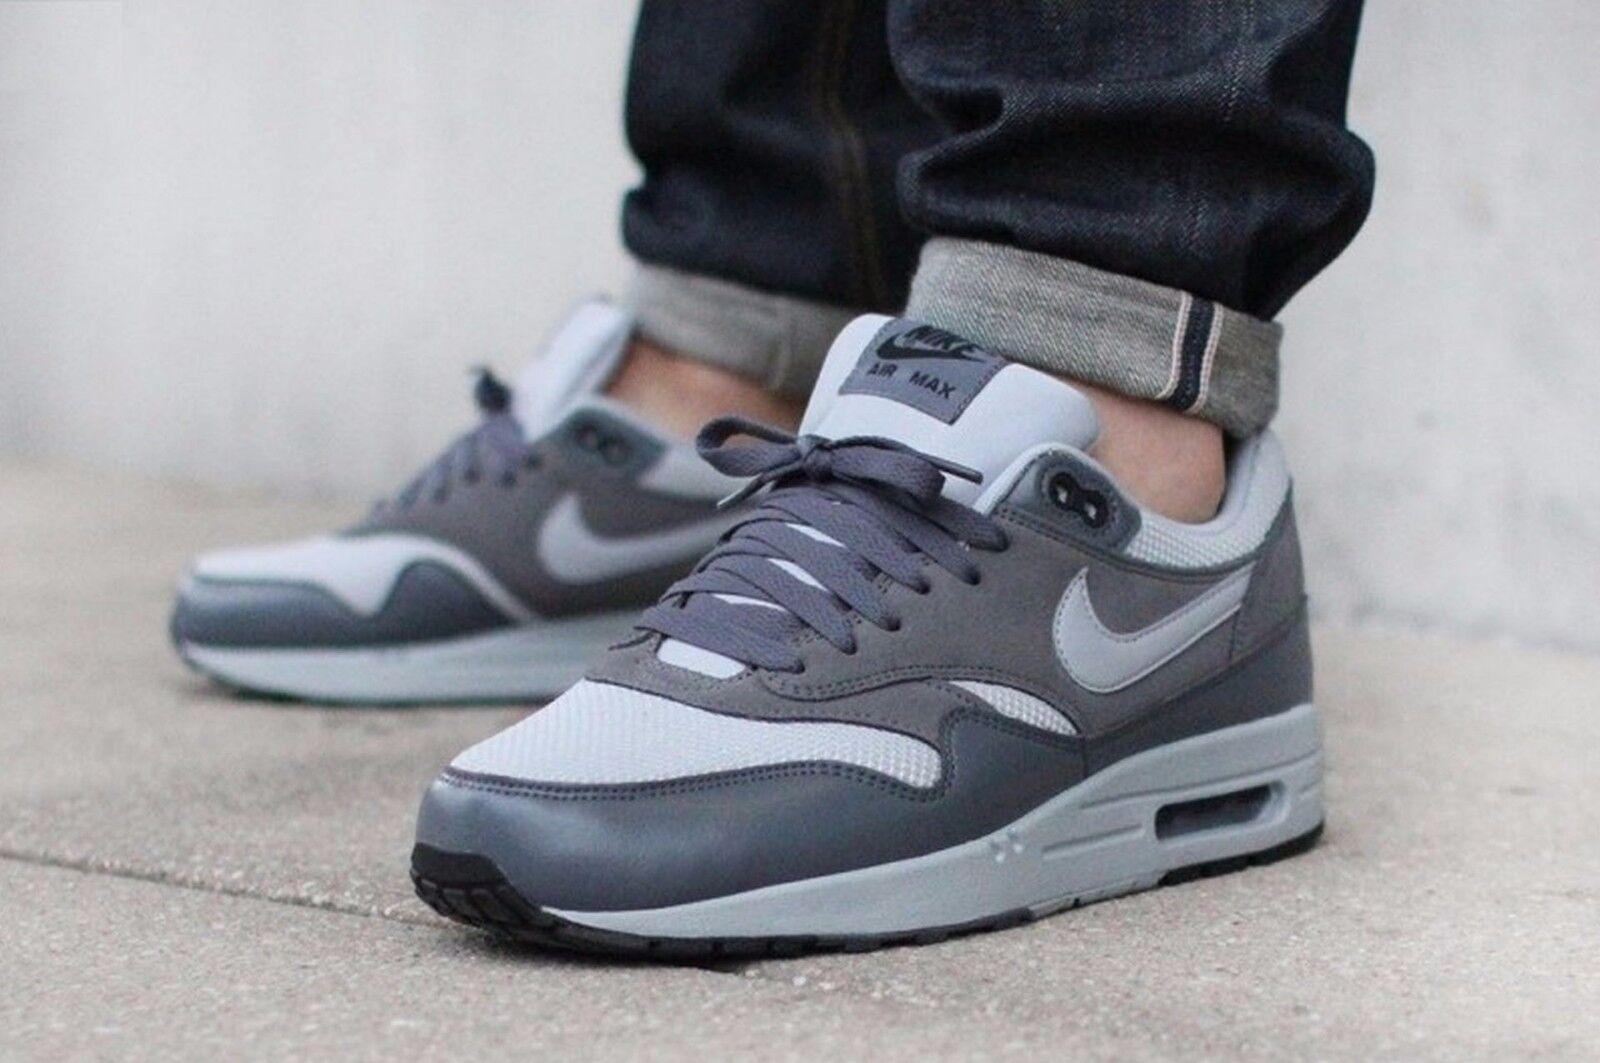 Nike Mens Air Max 1 Essential Mens Nike Sz 9 Wolf Grey/Wolf Grey-Dark Grey 537383-019 99f3e8